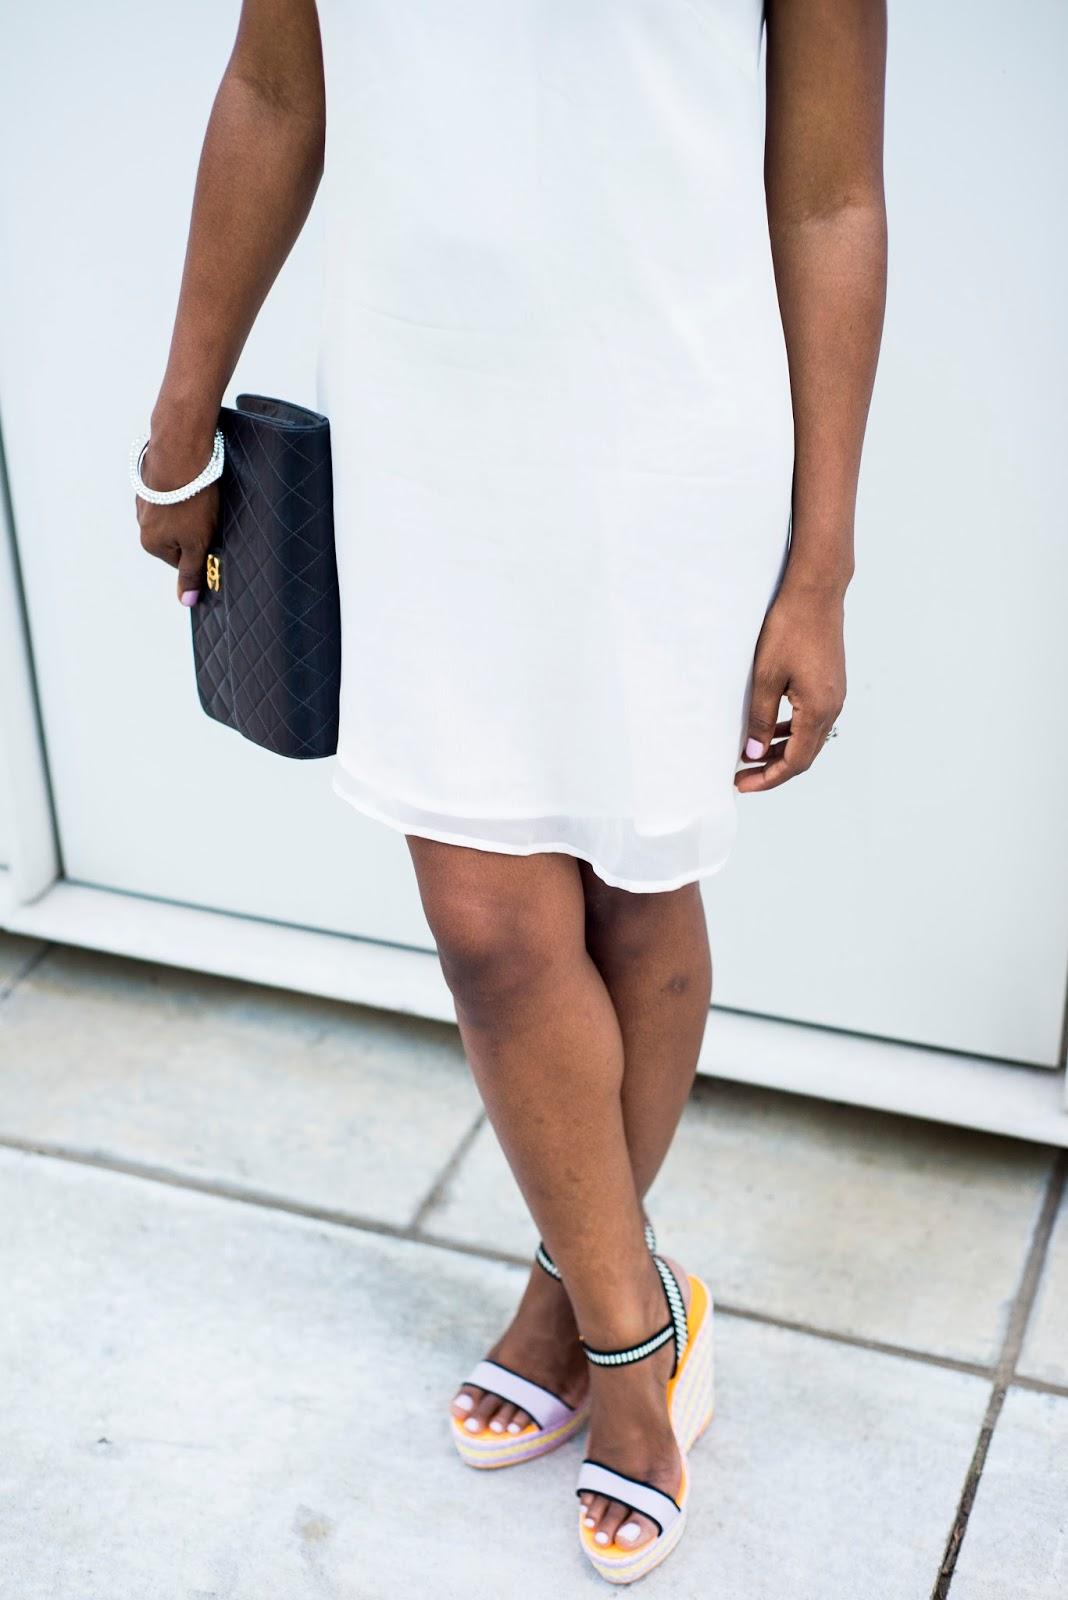 Shift dress: Embellished option